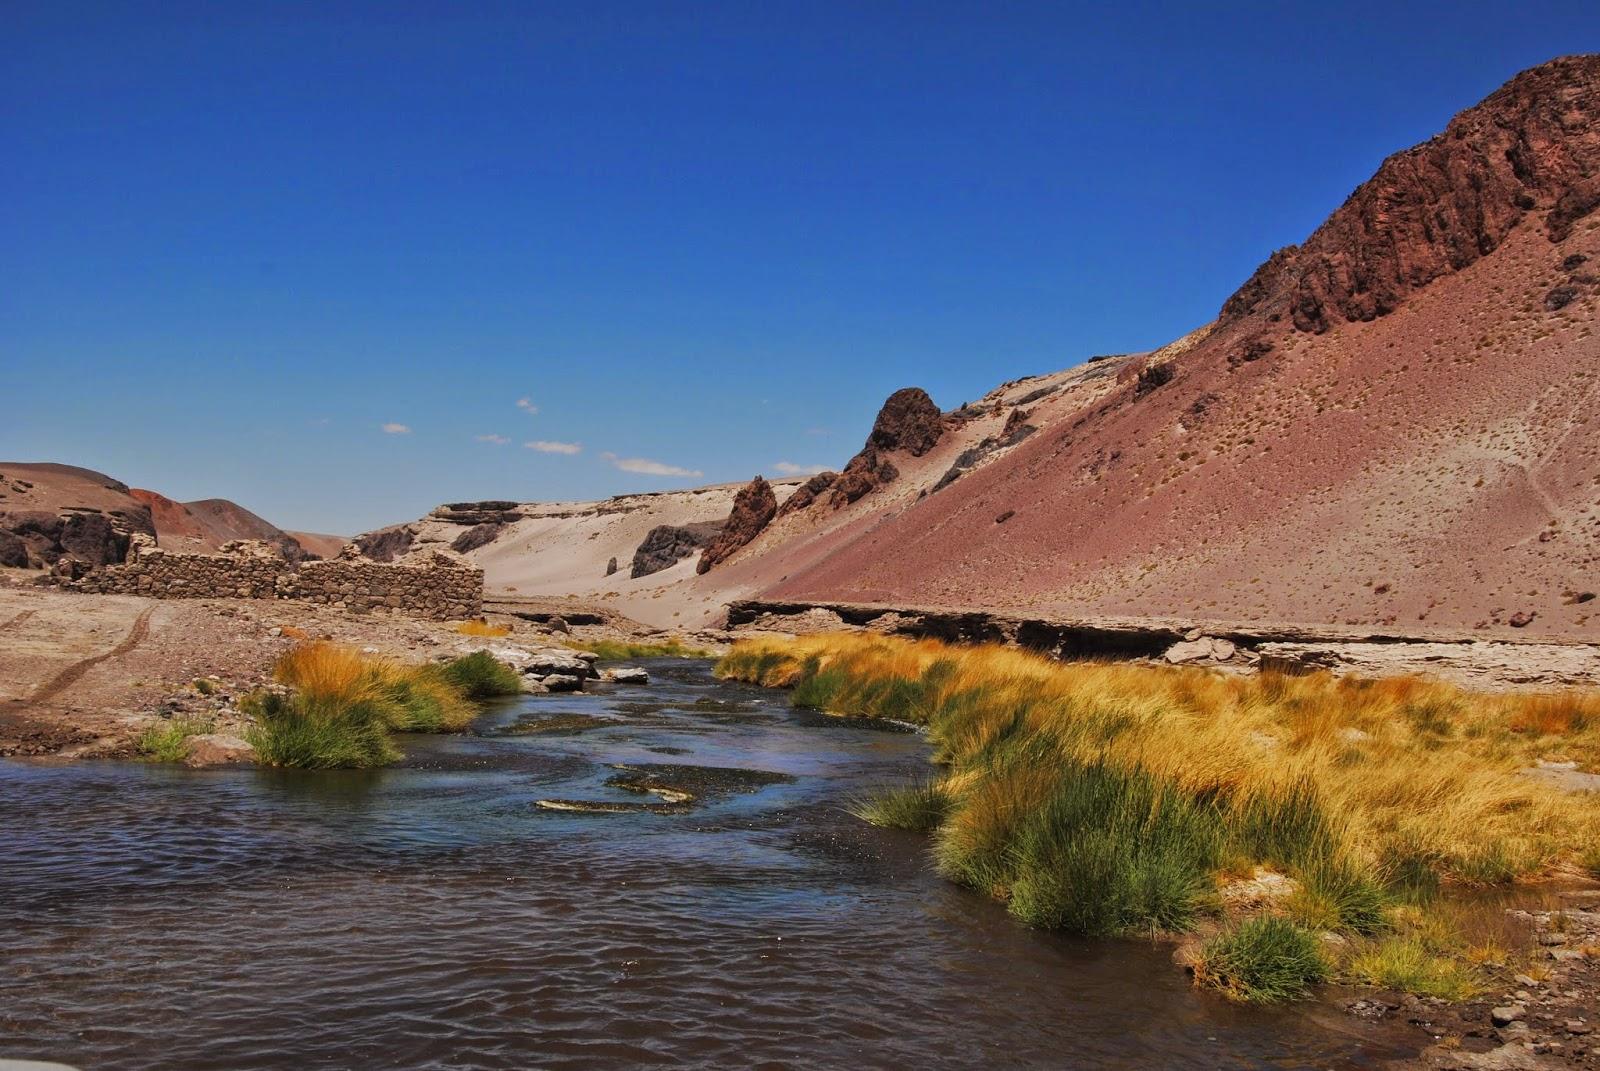 Traversée en 4x4 de la rivière Aguas Negras - Chili